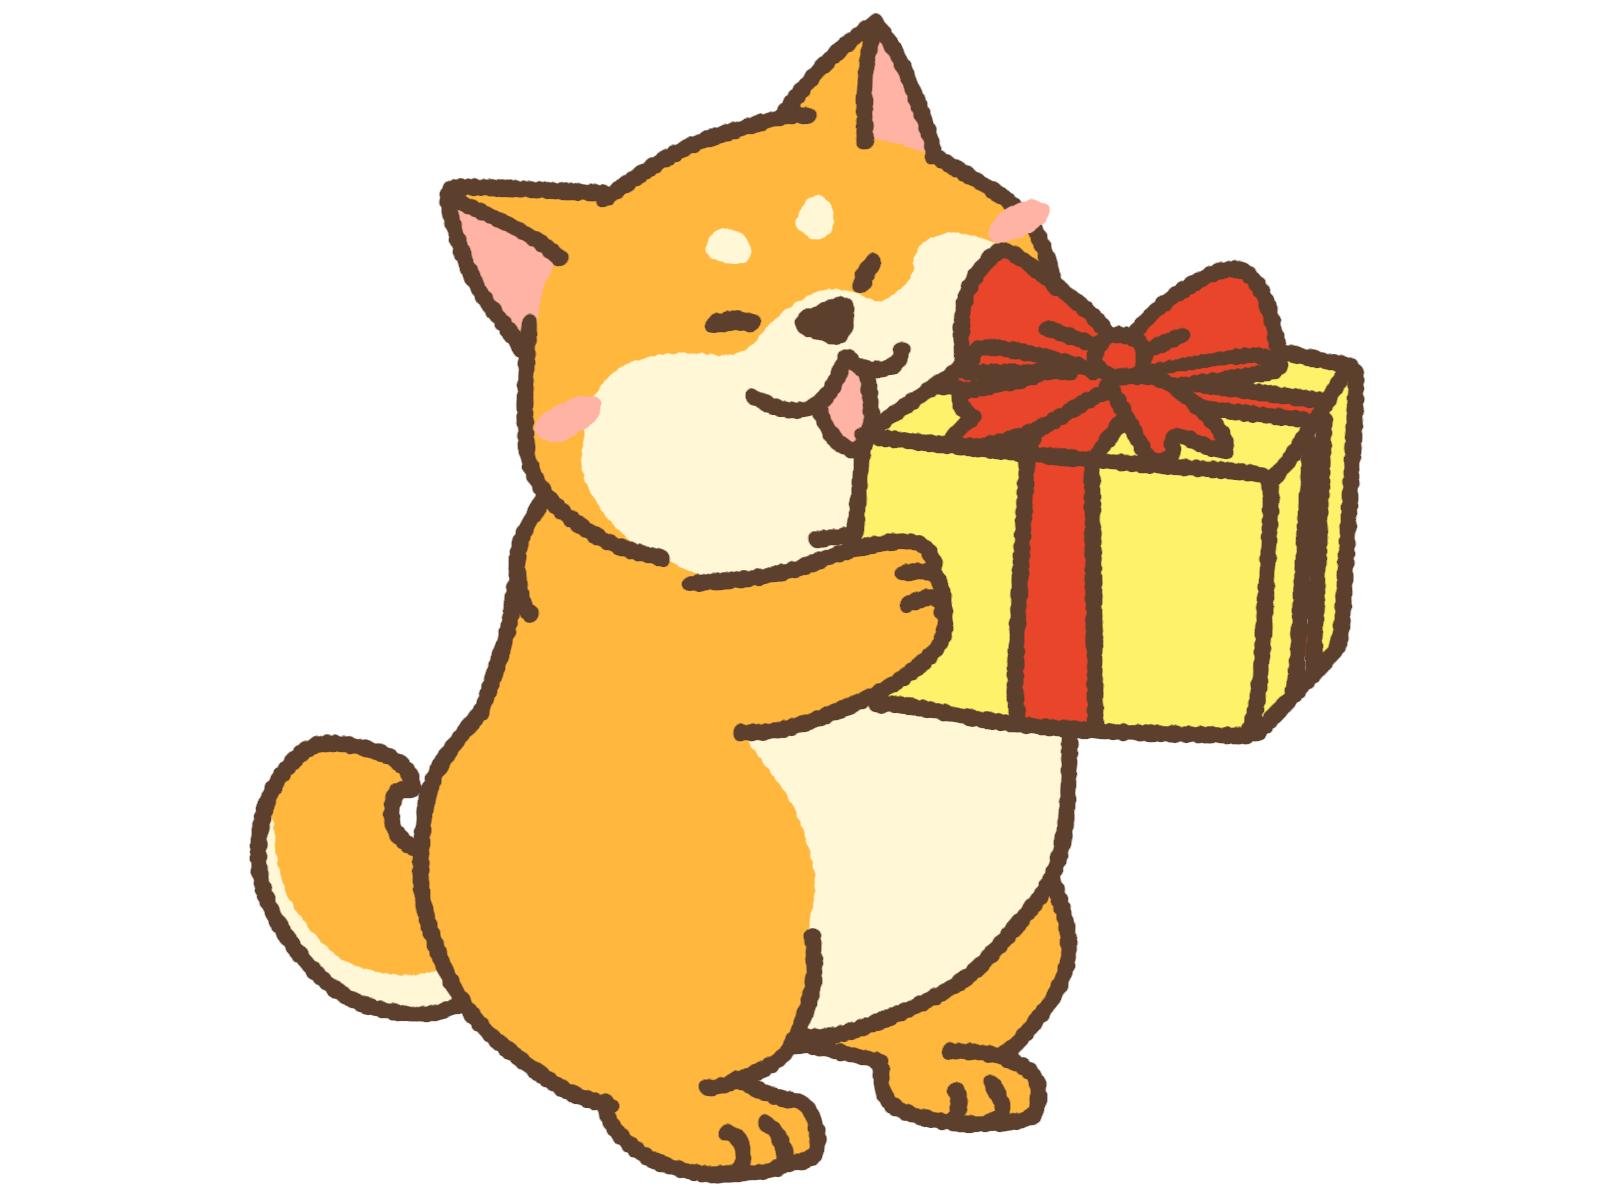 お茶碗のプレゼントのイメージ画像